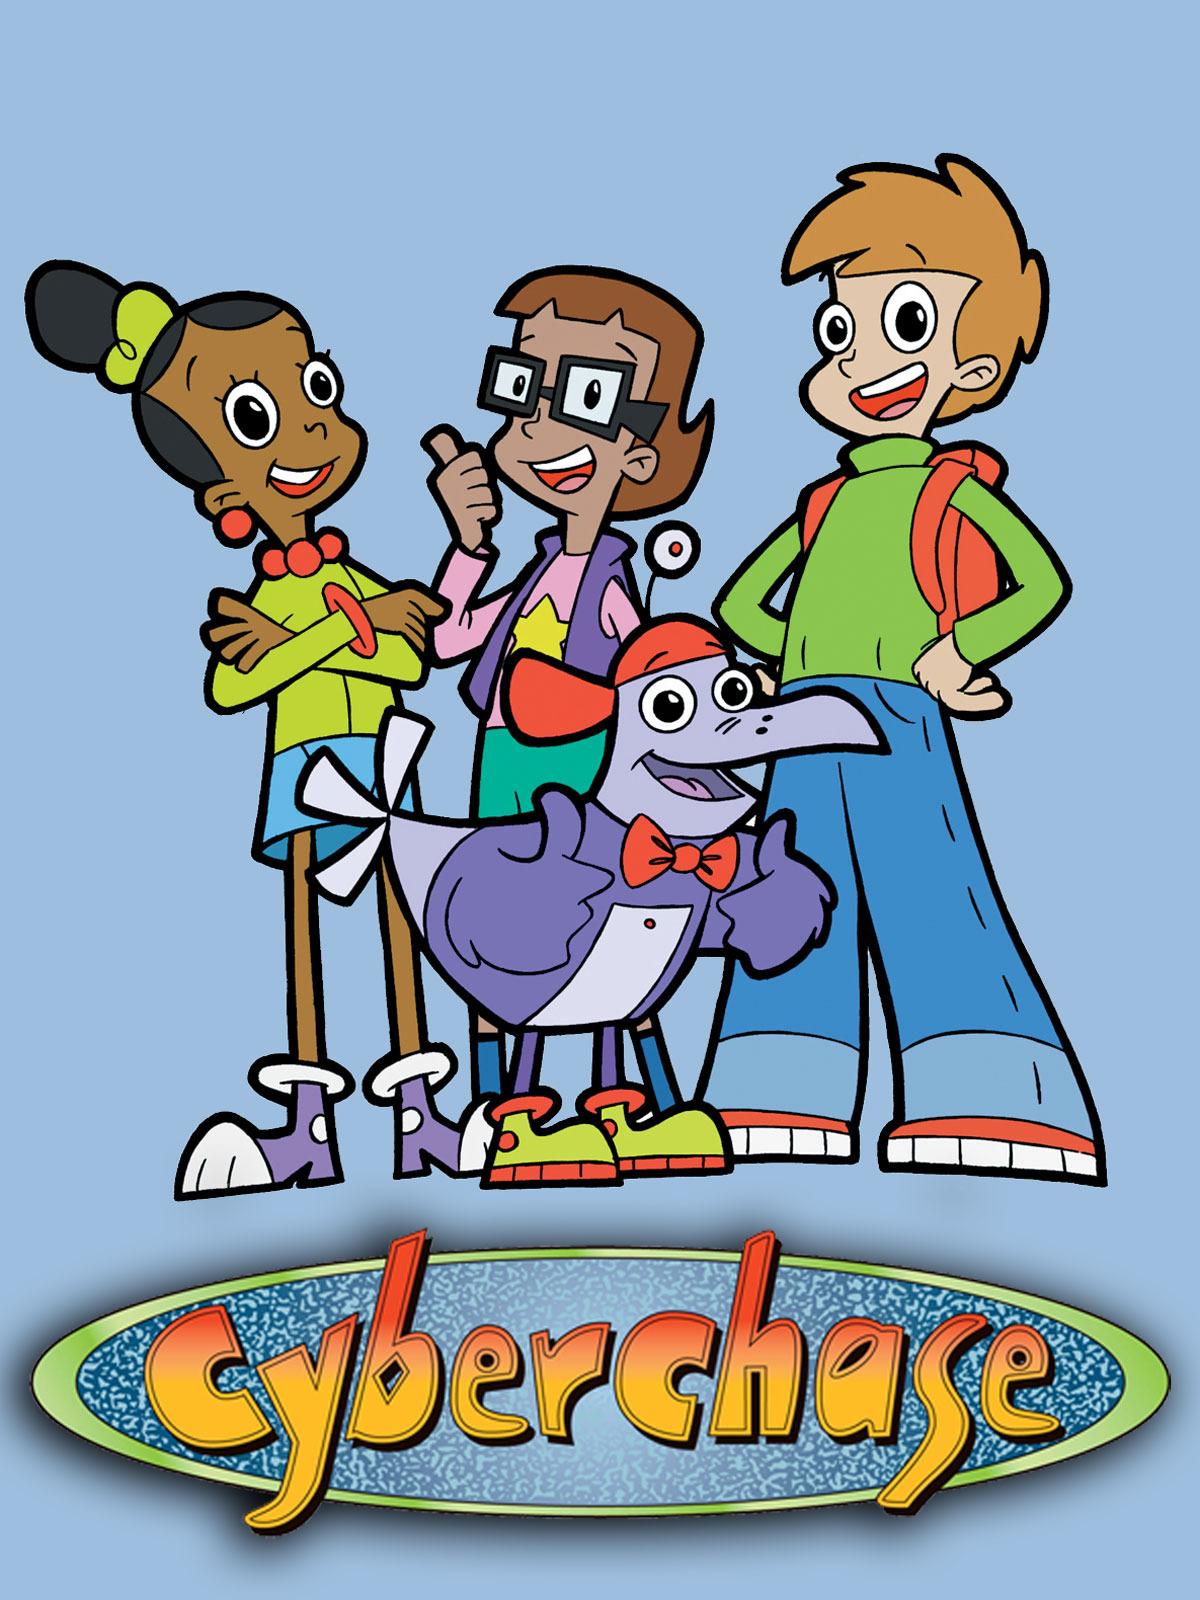 Cyberchase: Season 6